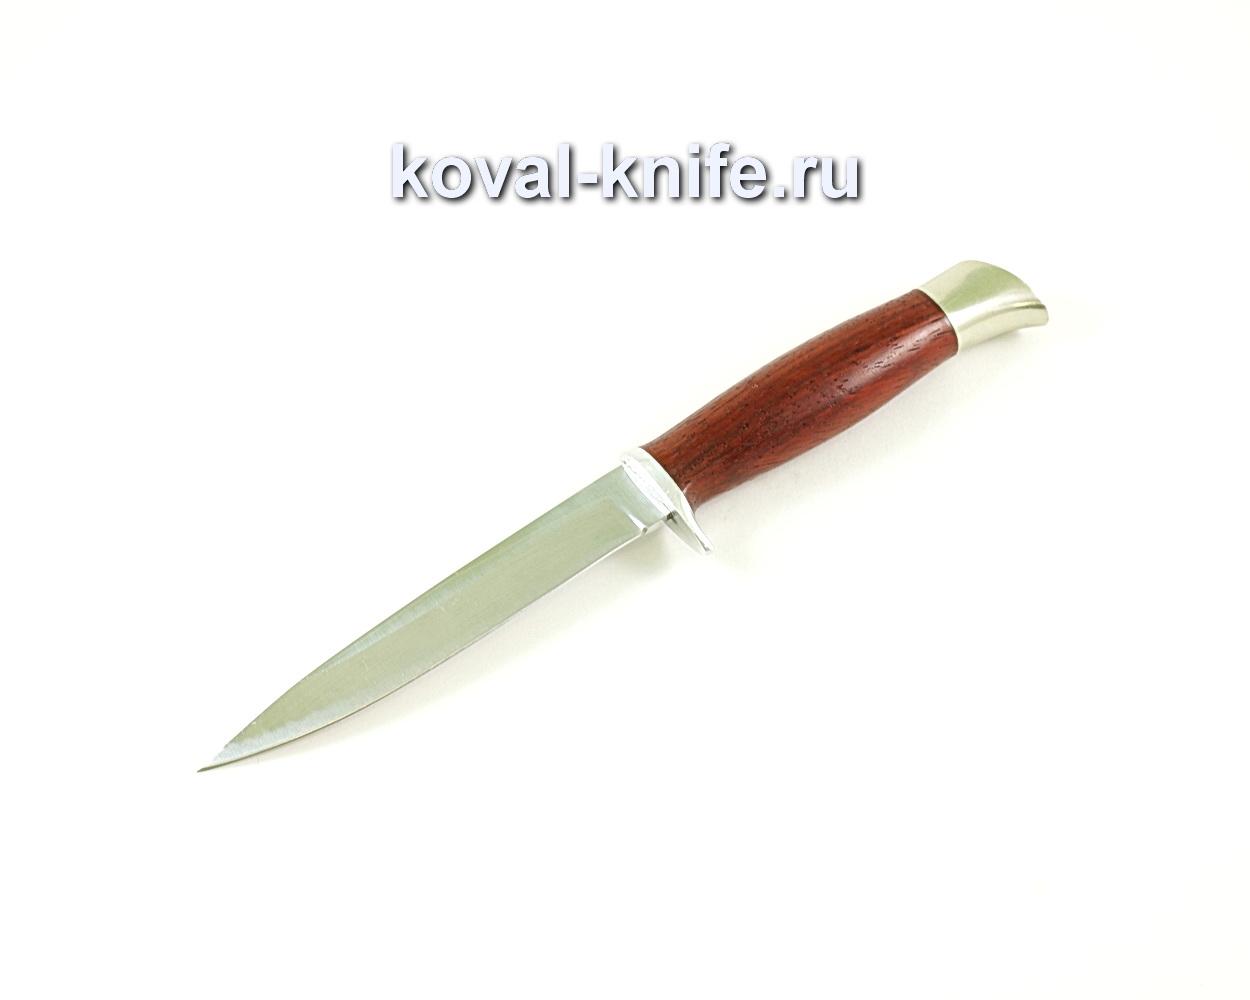 Нож Коготь (сталь 95х18), рукоять падук, литье A268